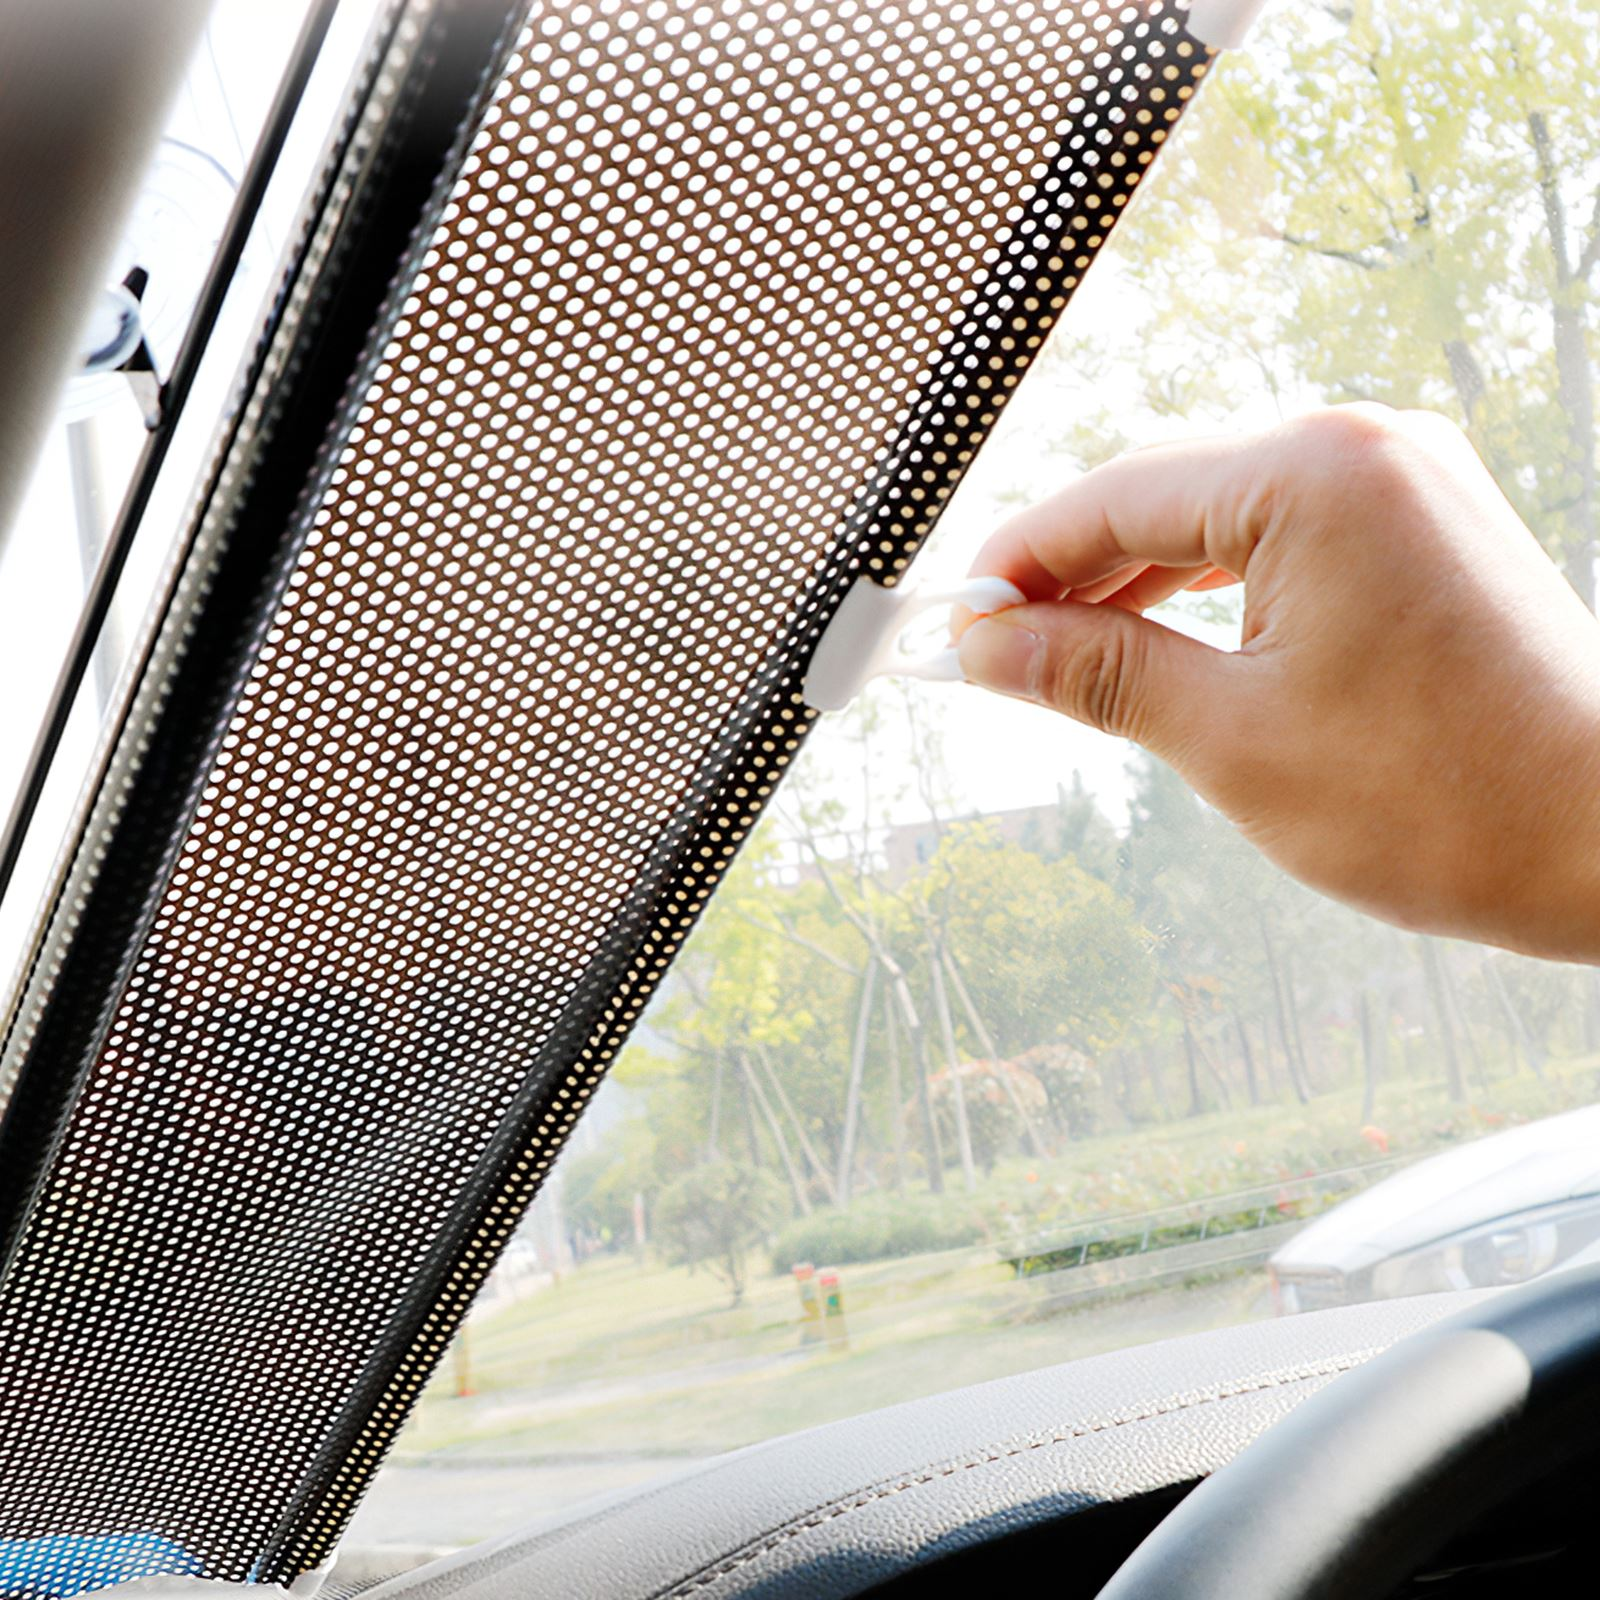 Новый Автомобильный солнцезащитный автоматический телескопический автомобильный солнцезащитный козырек Автомобильная теплоизоляционна...